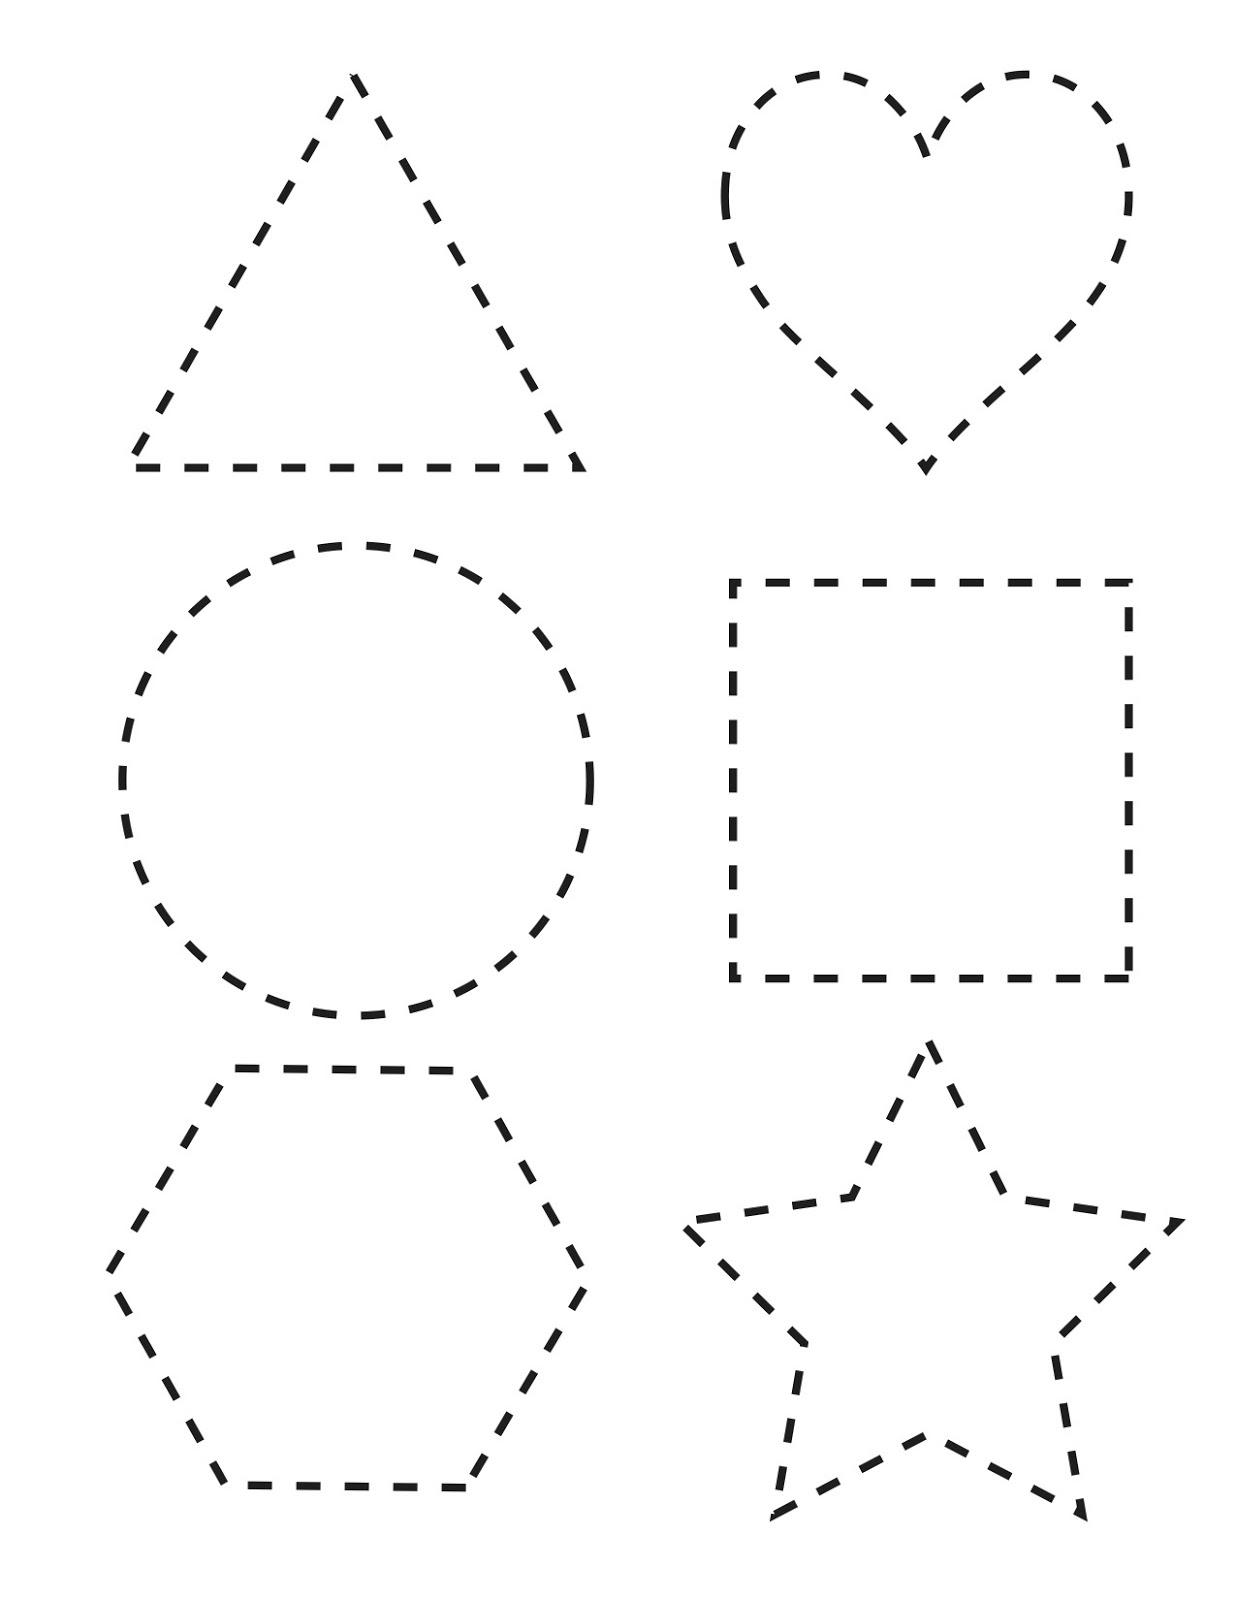 3 Year Old Worksheet Print